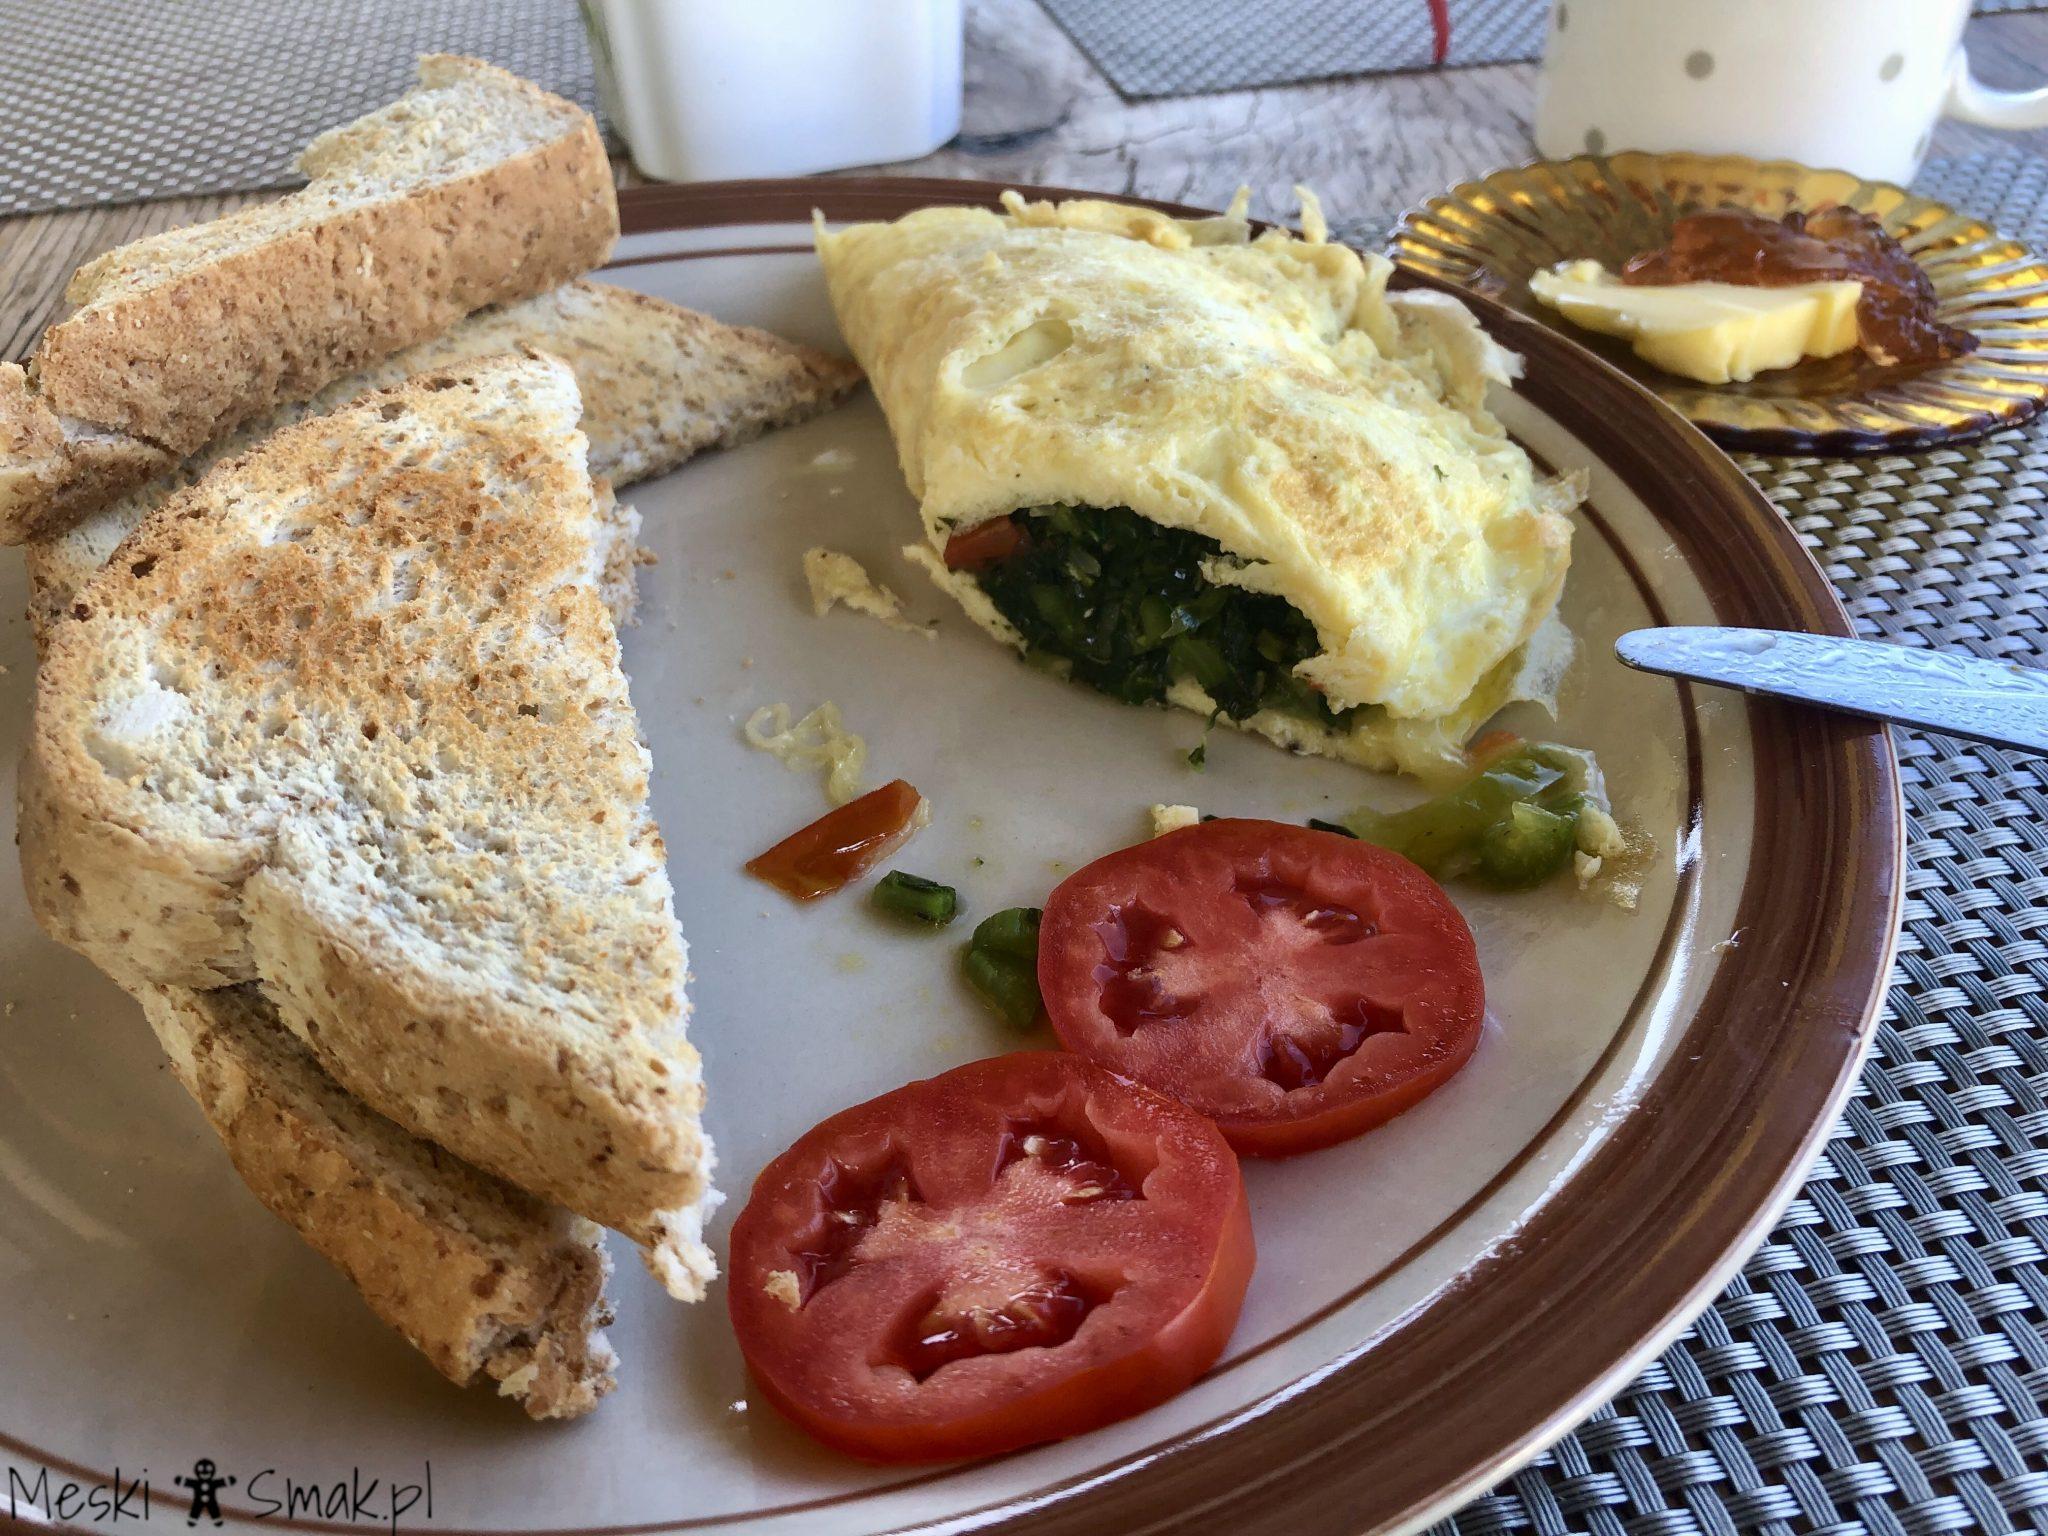 Jamaican`s breakfast